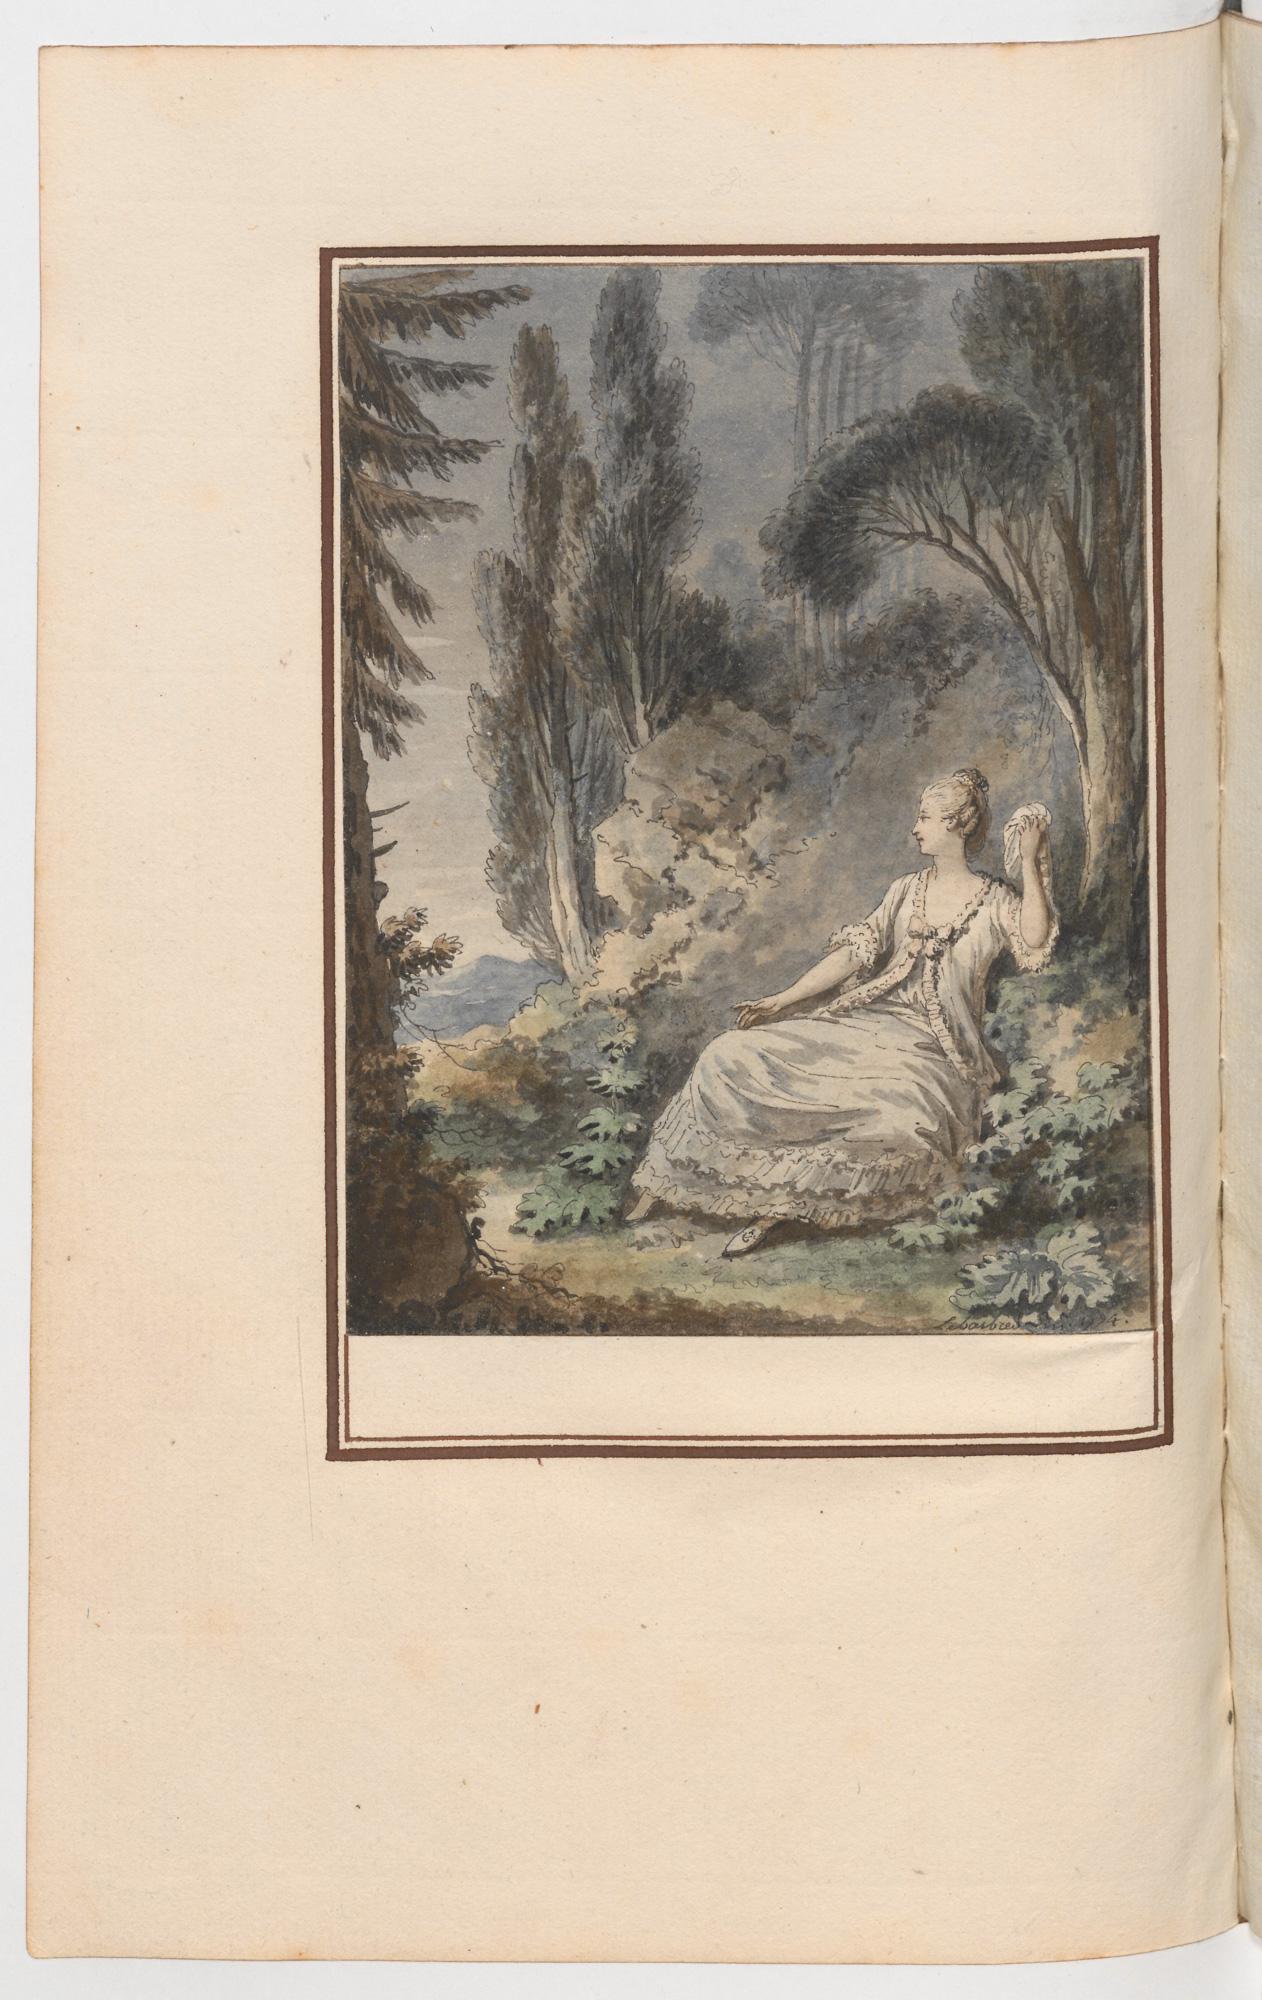 S.3.11 L'obscurité desirée, Chantilly, Image